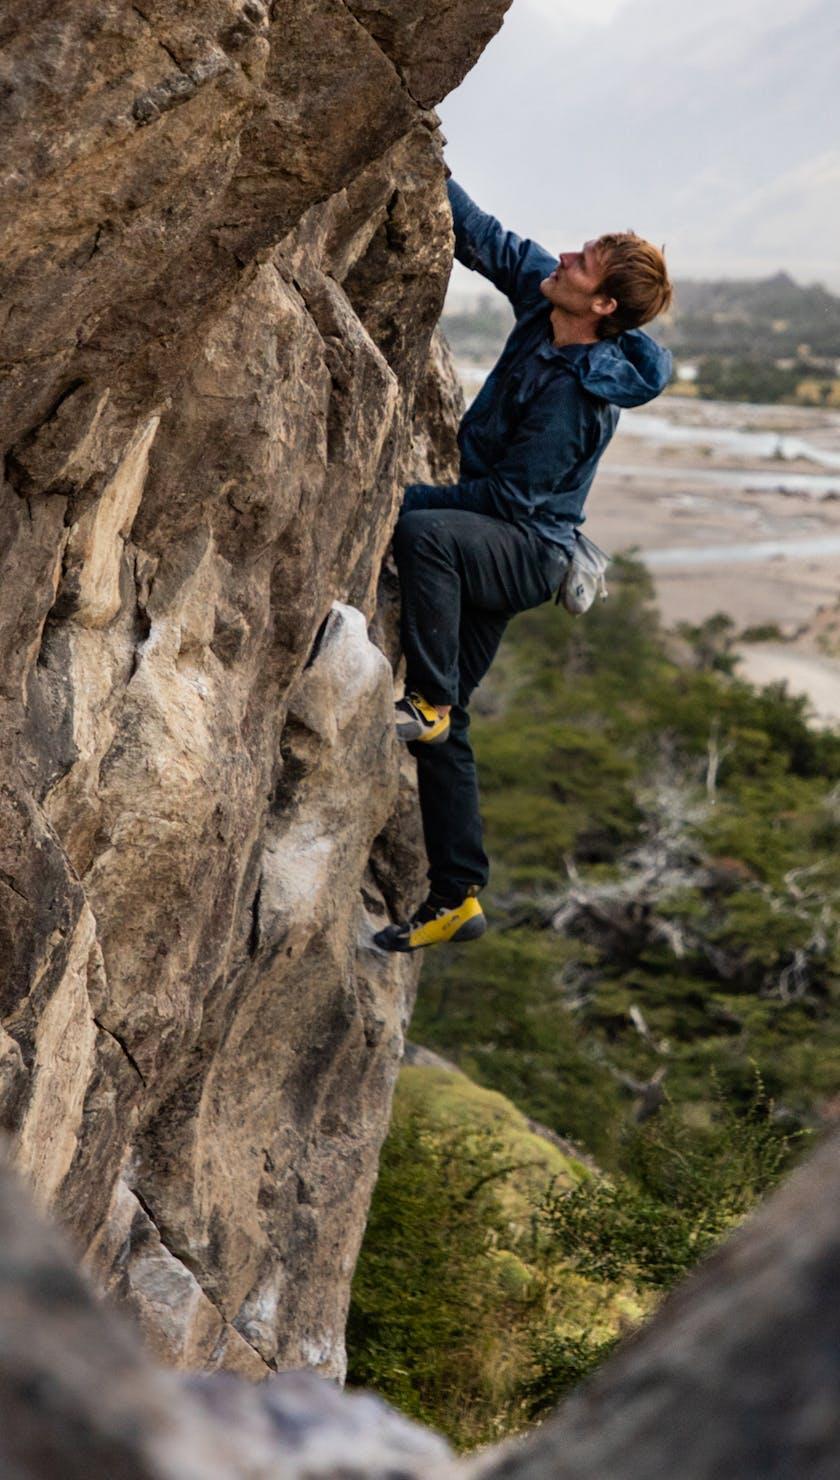 BD Athlete Nalle Hukkataival climbing in Patagonia